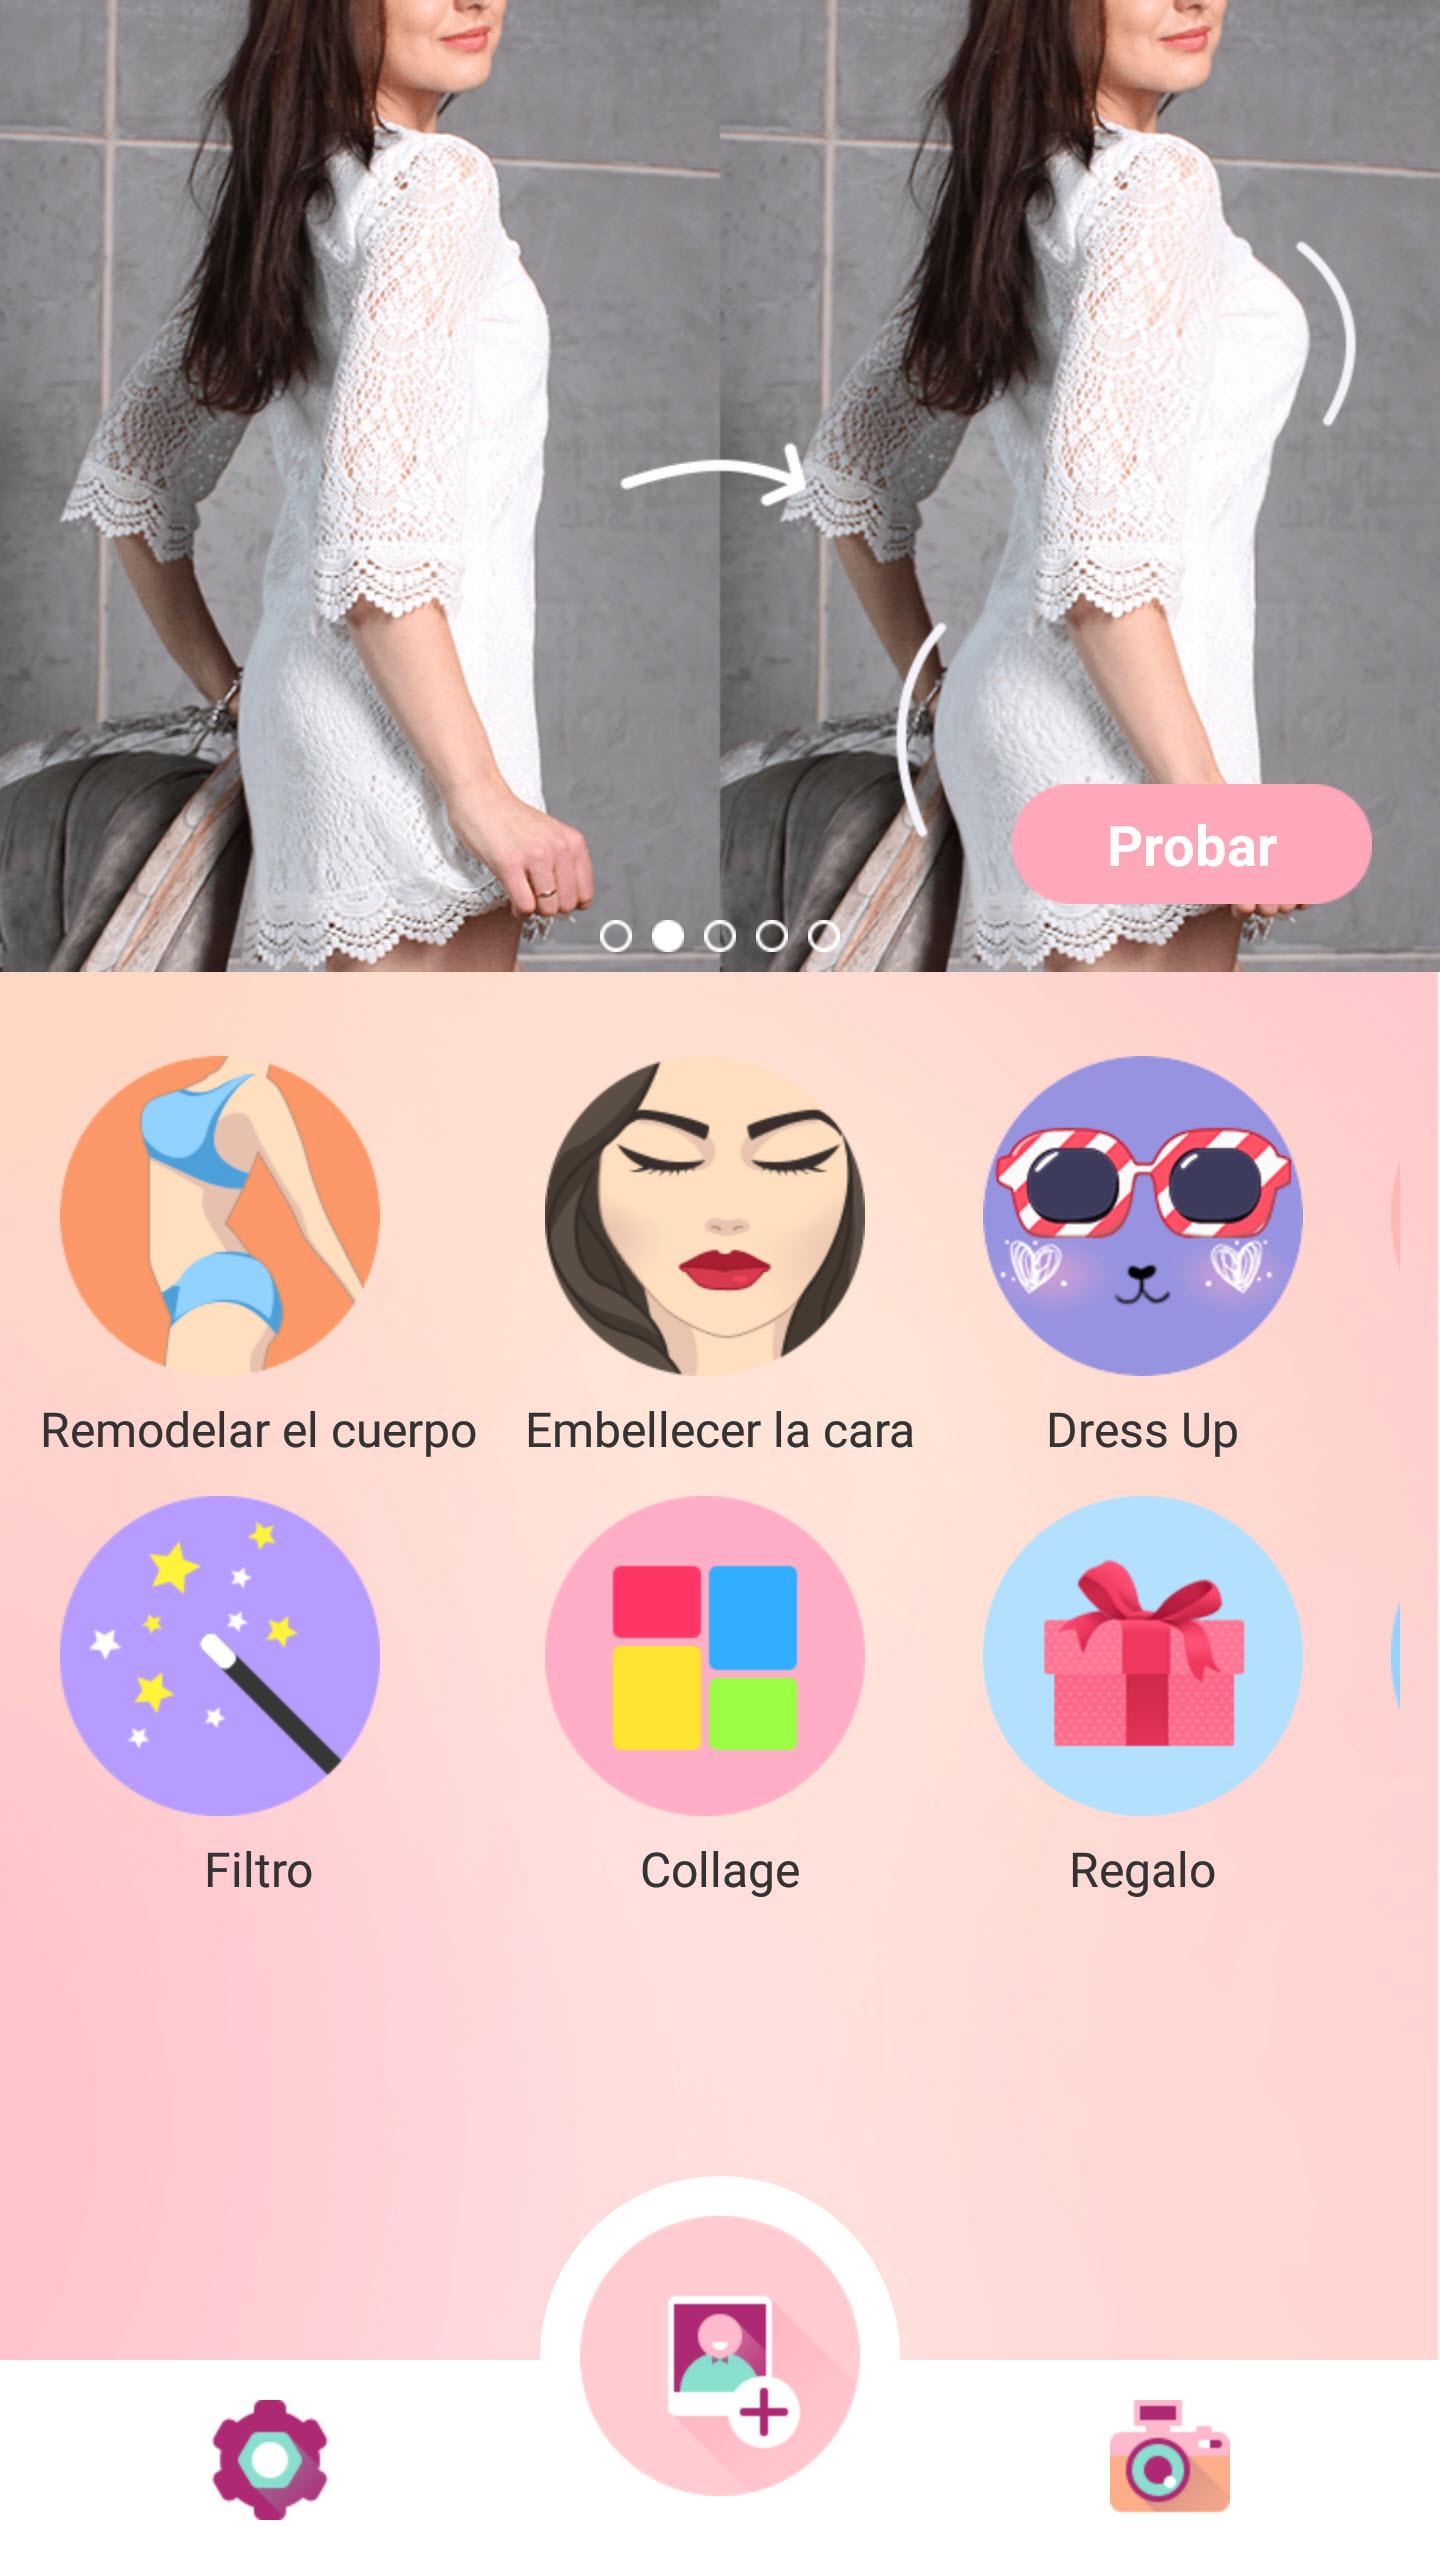 3 App Para Borrar Imperfecciones Adelgazar Cuerpo Editor De Fotos